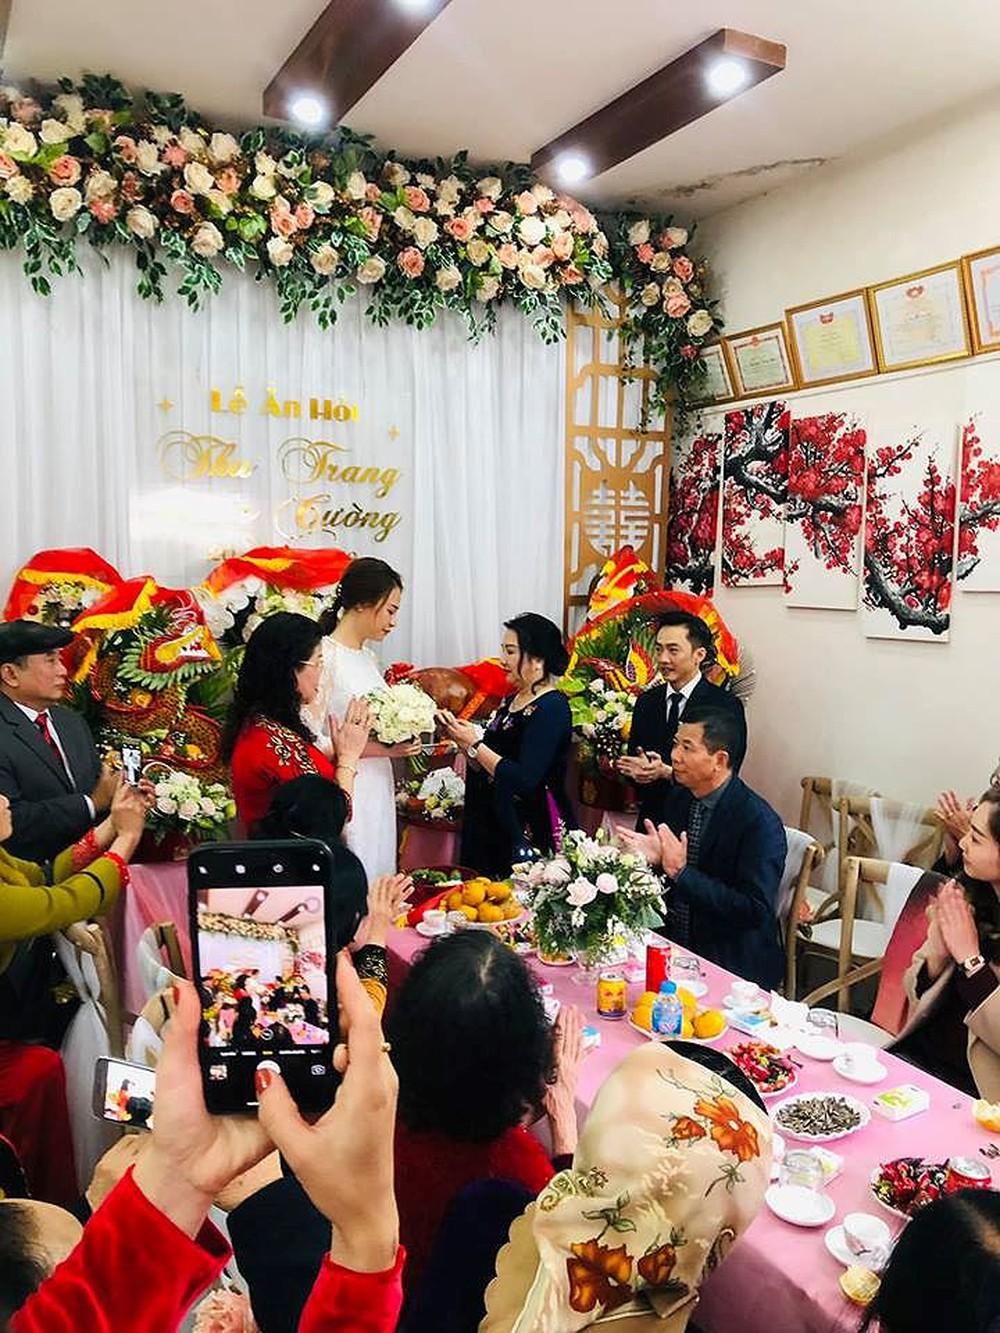 Trước đám cưới, Cường Đô La và Đàm Thu Trang được gia đình hai bên đối xử thế nào? - Ảnh 4.